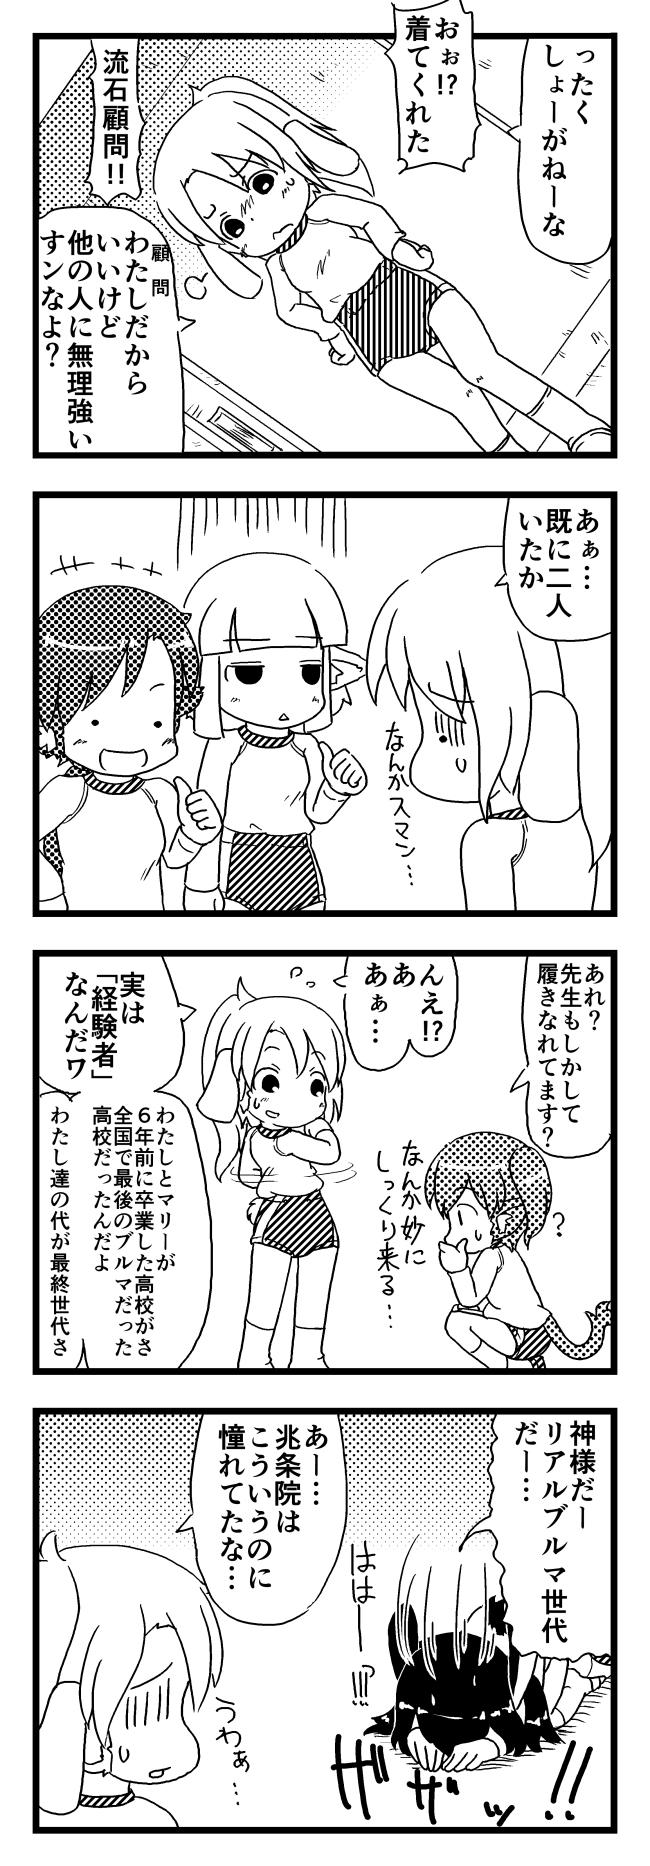 第22話 - いじらレナ